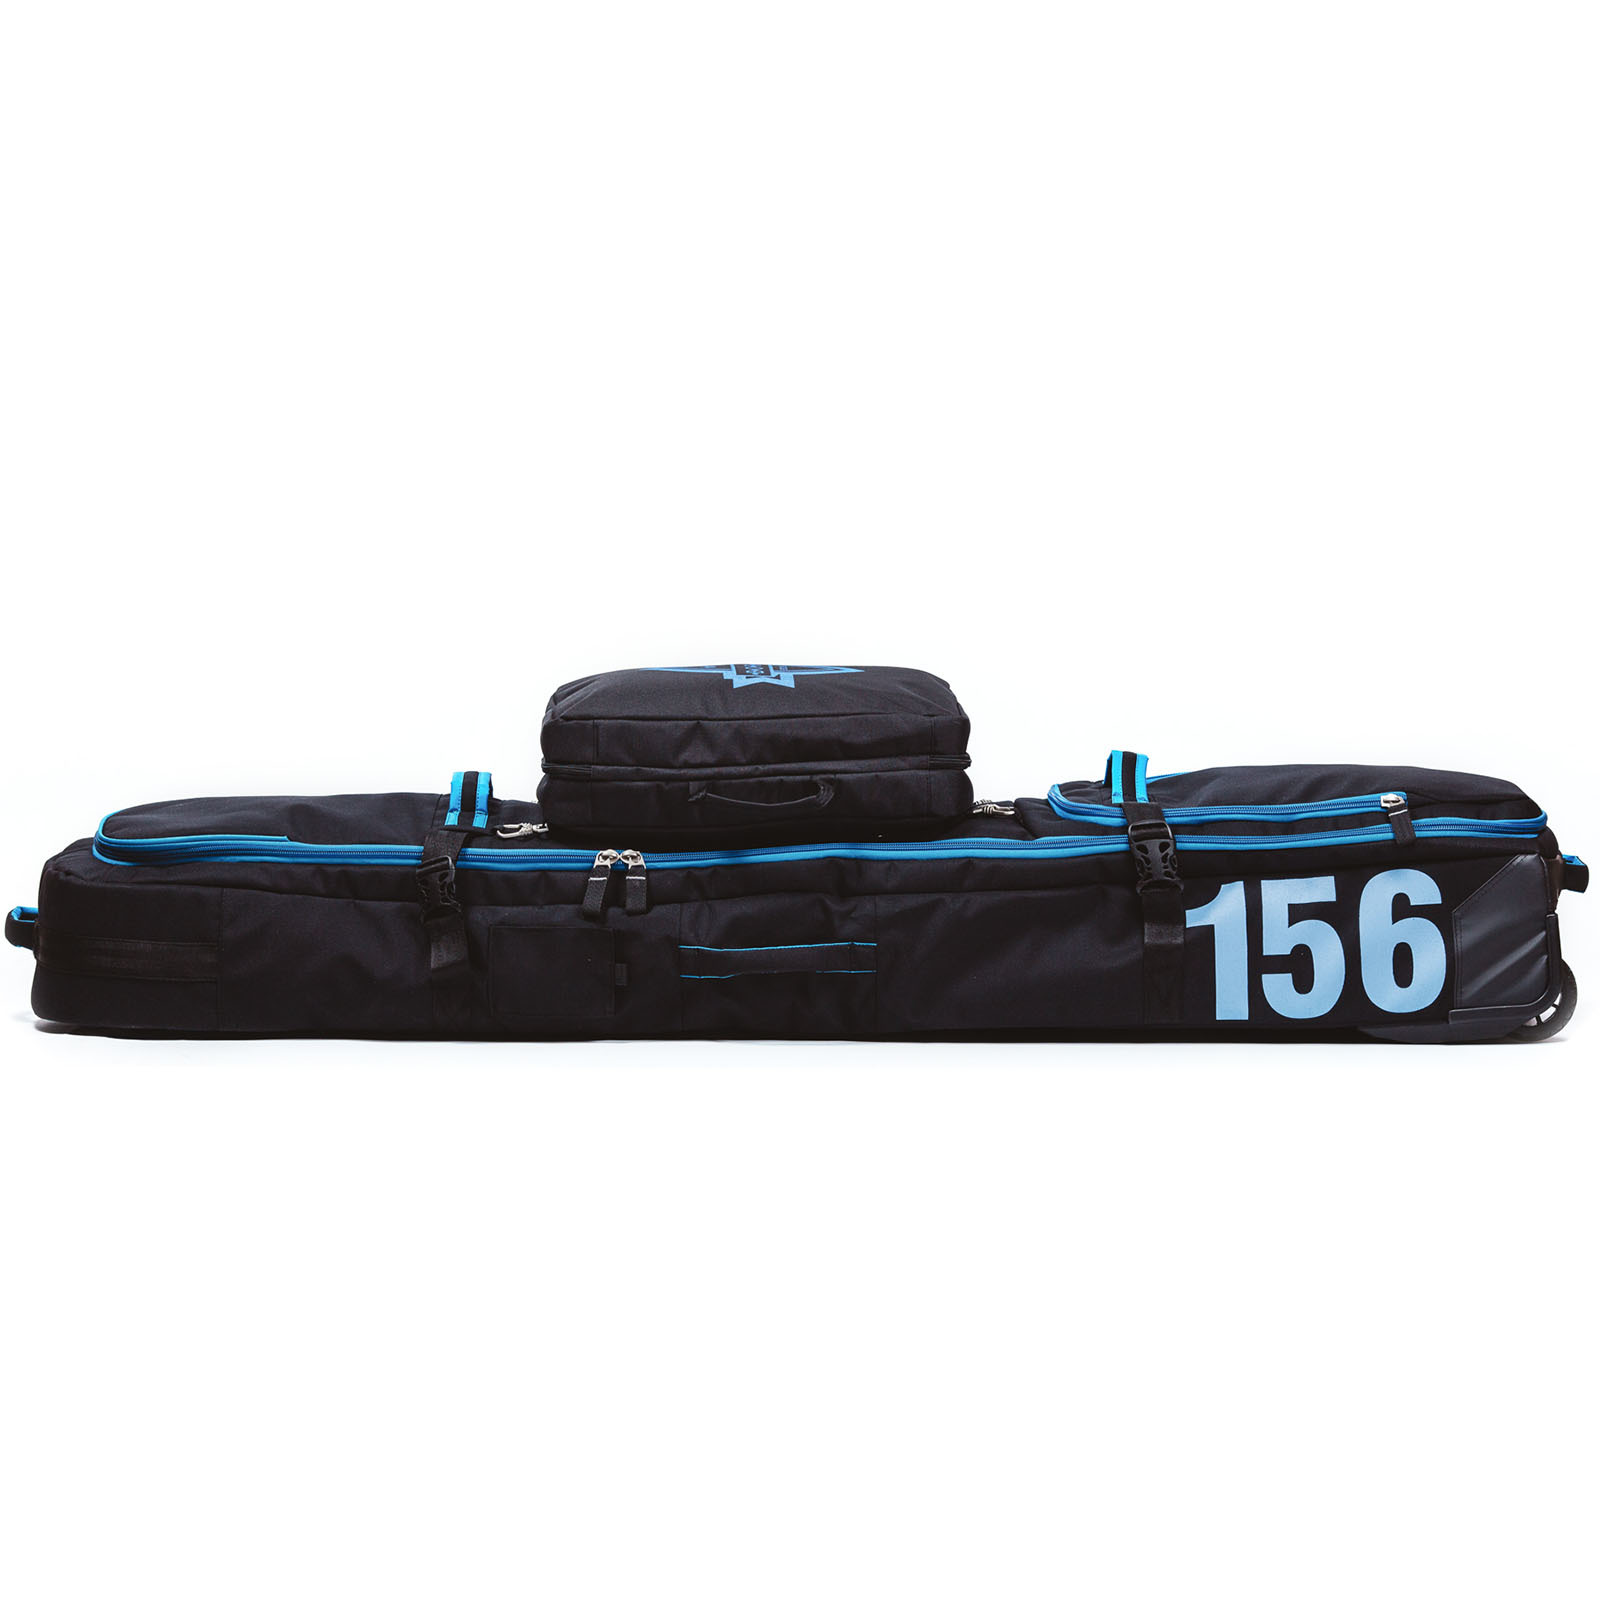 Чехол для сноуборда Born на колесах 156/166 см Черный/голубой (0099990)